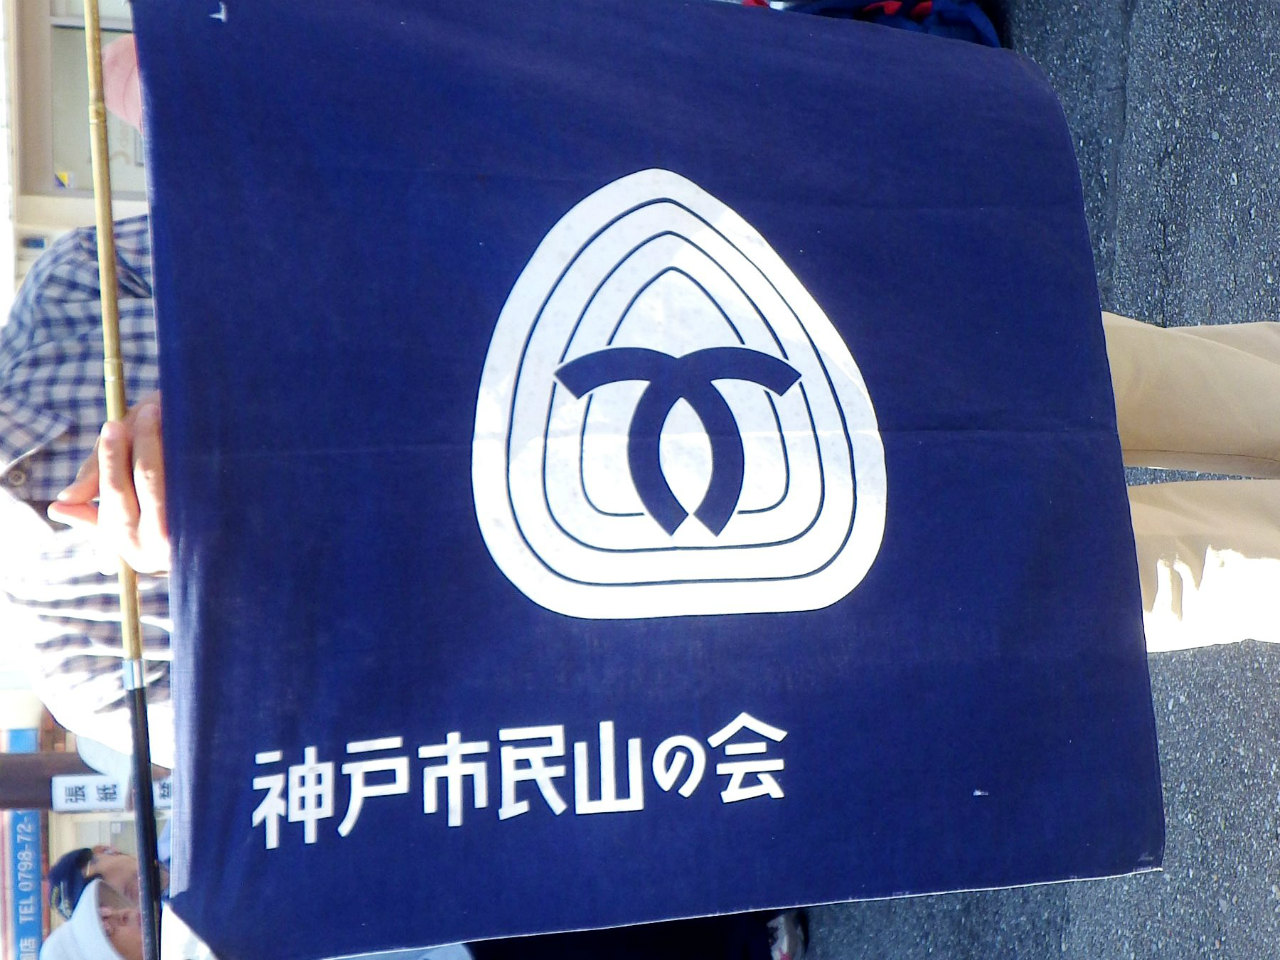 01b 神戸市民山の会の旗